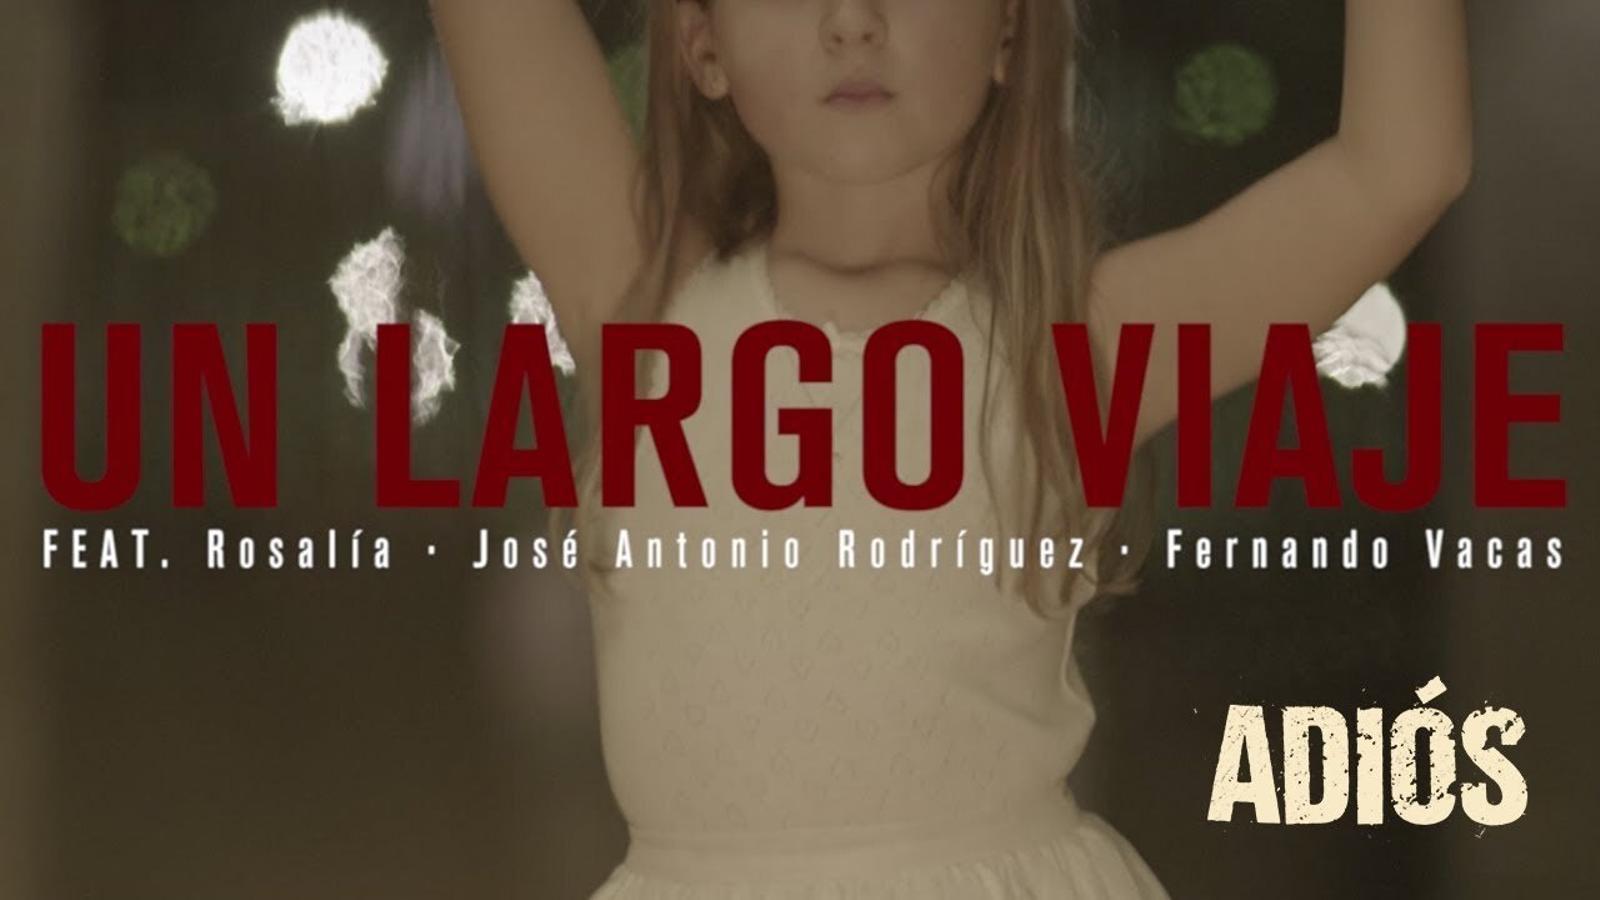 'Un largo viaje', de Fernando Vacas amb Rosalía